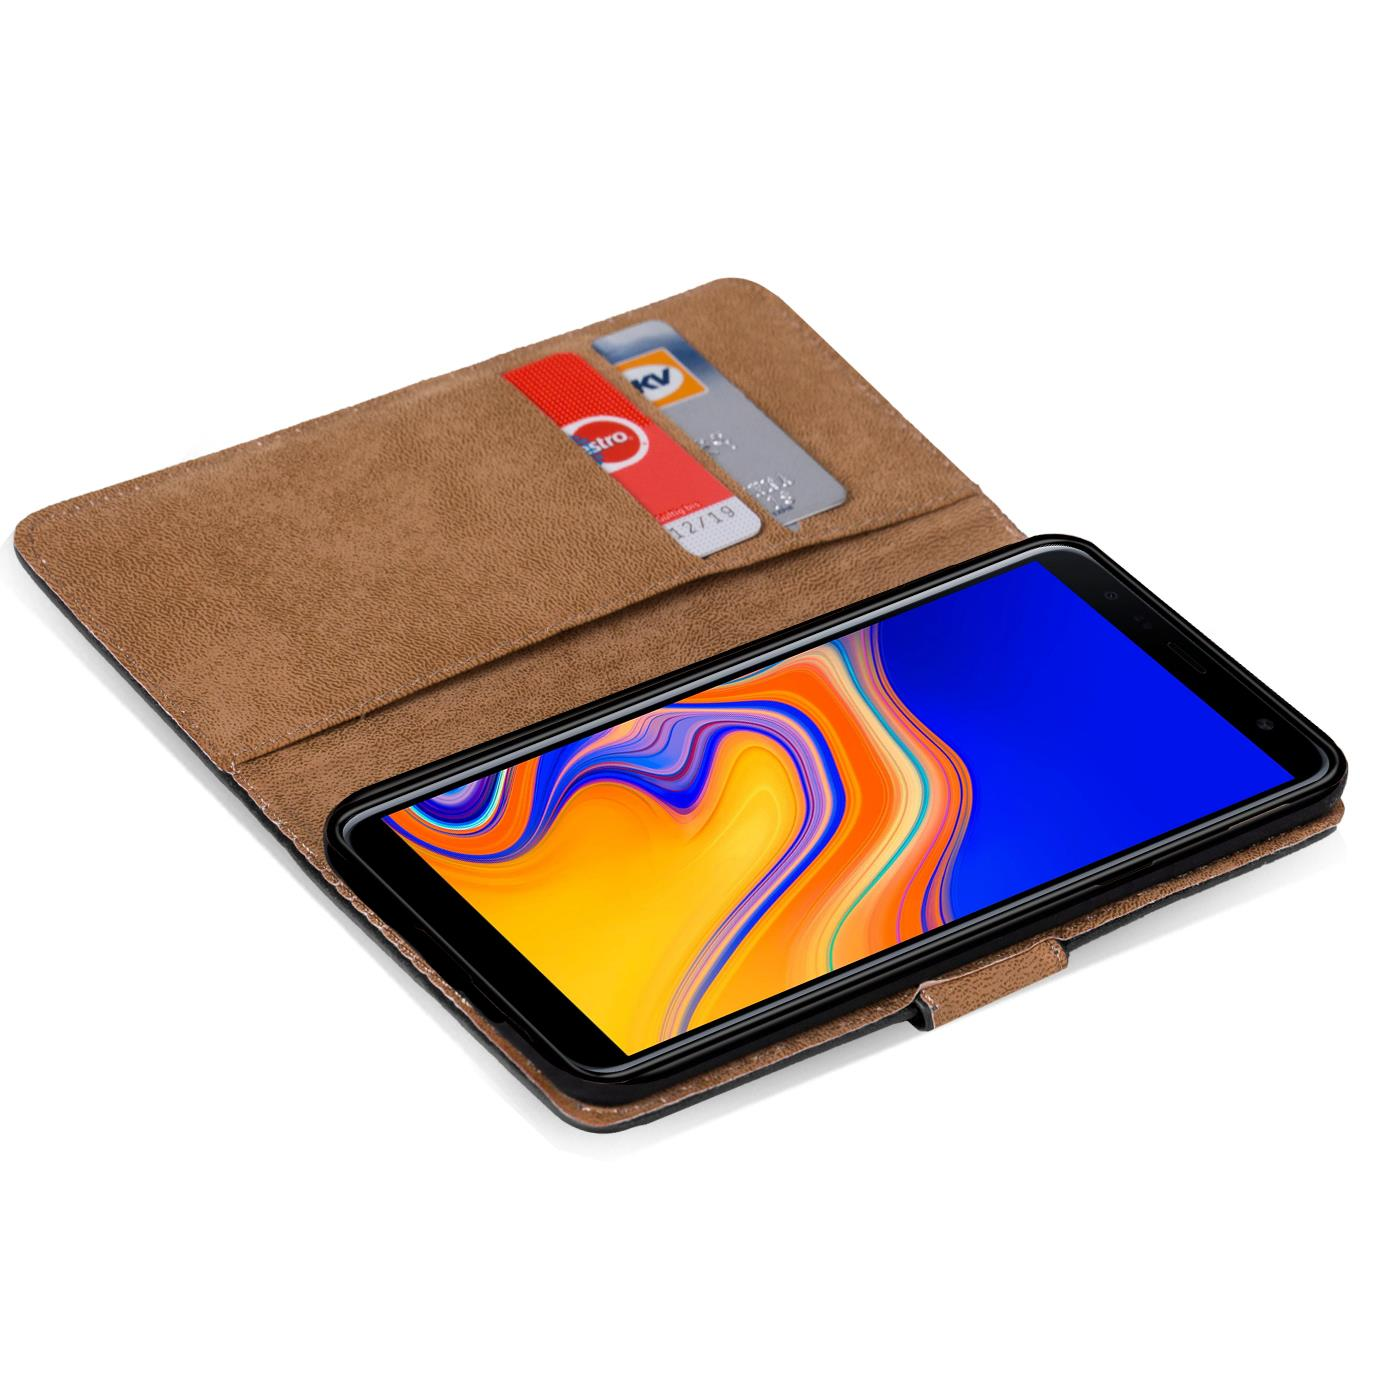 Samsung-Galaxy-J4-Plus-Handy-Klapp-Tasche-Schutz-Huelle-Book-Flip-Cover-Case-Etui Indexbild 16